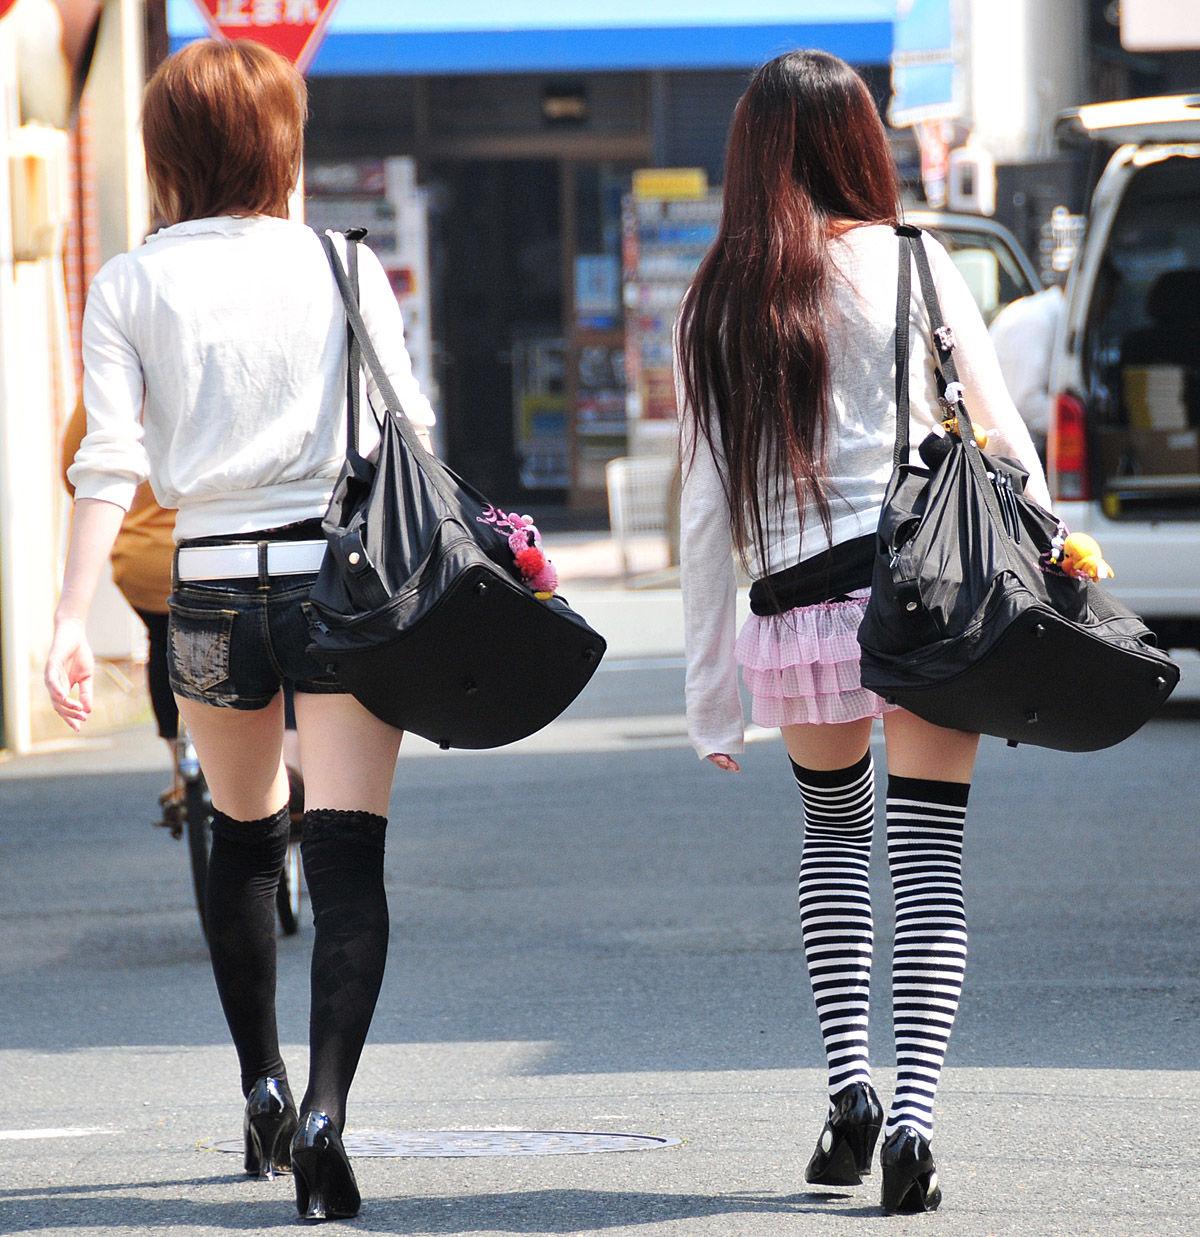 三次元 3次元 エロ画像 街撮り ニーソックス べっぴん娘通信 05